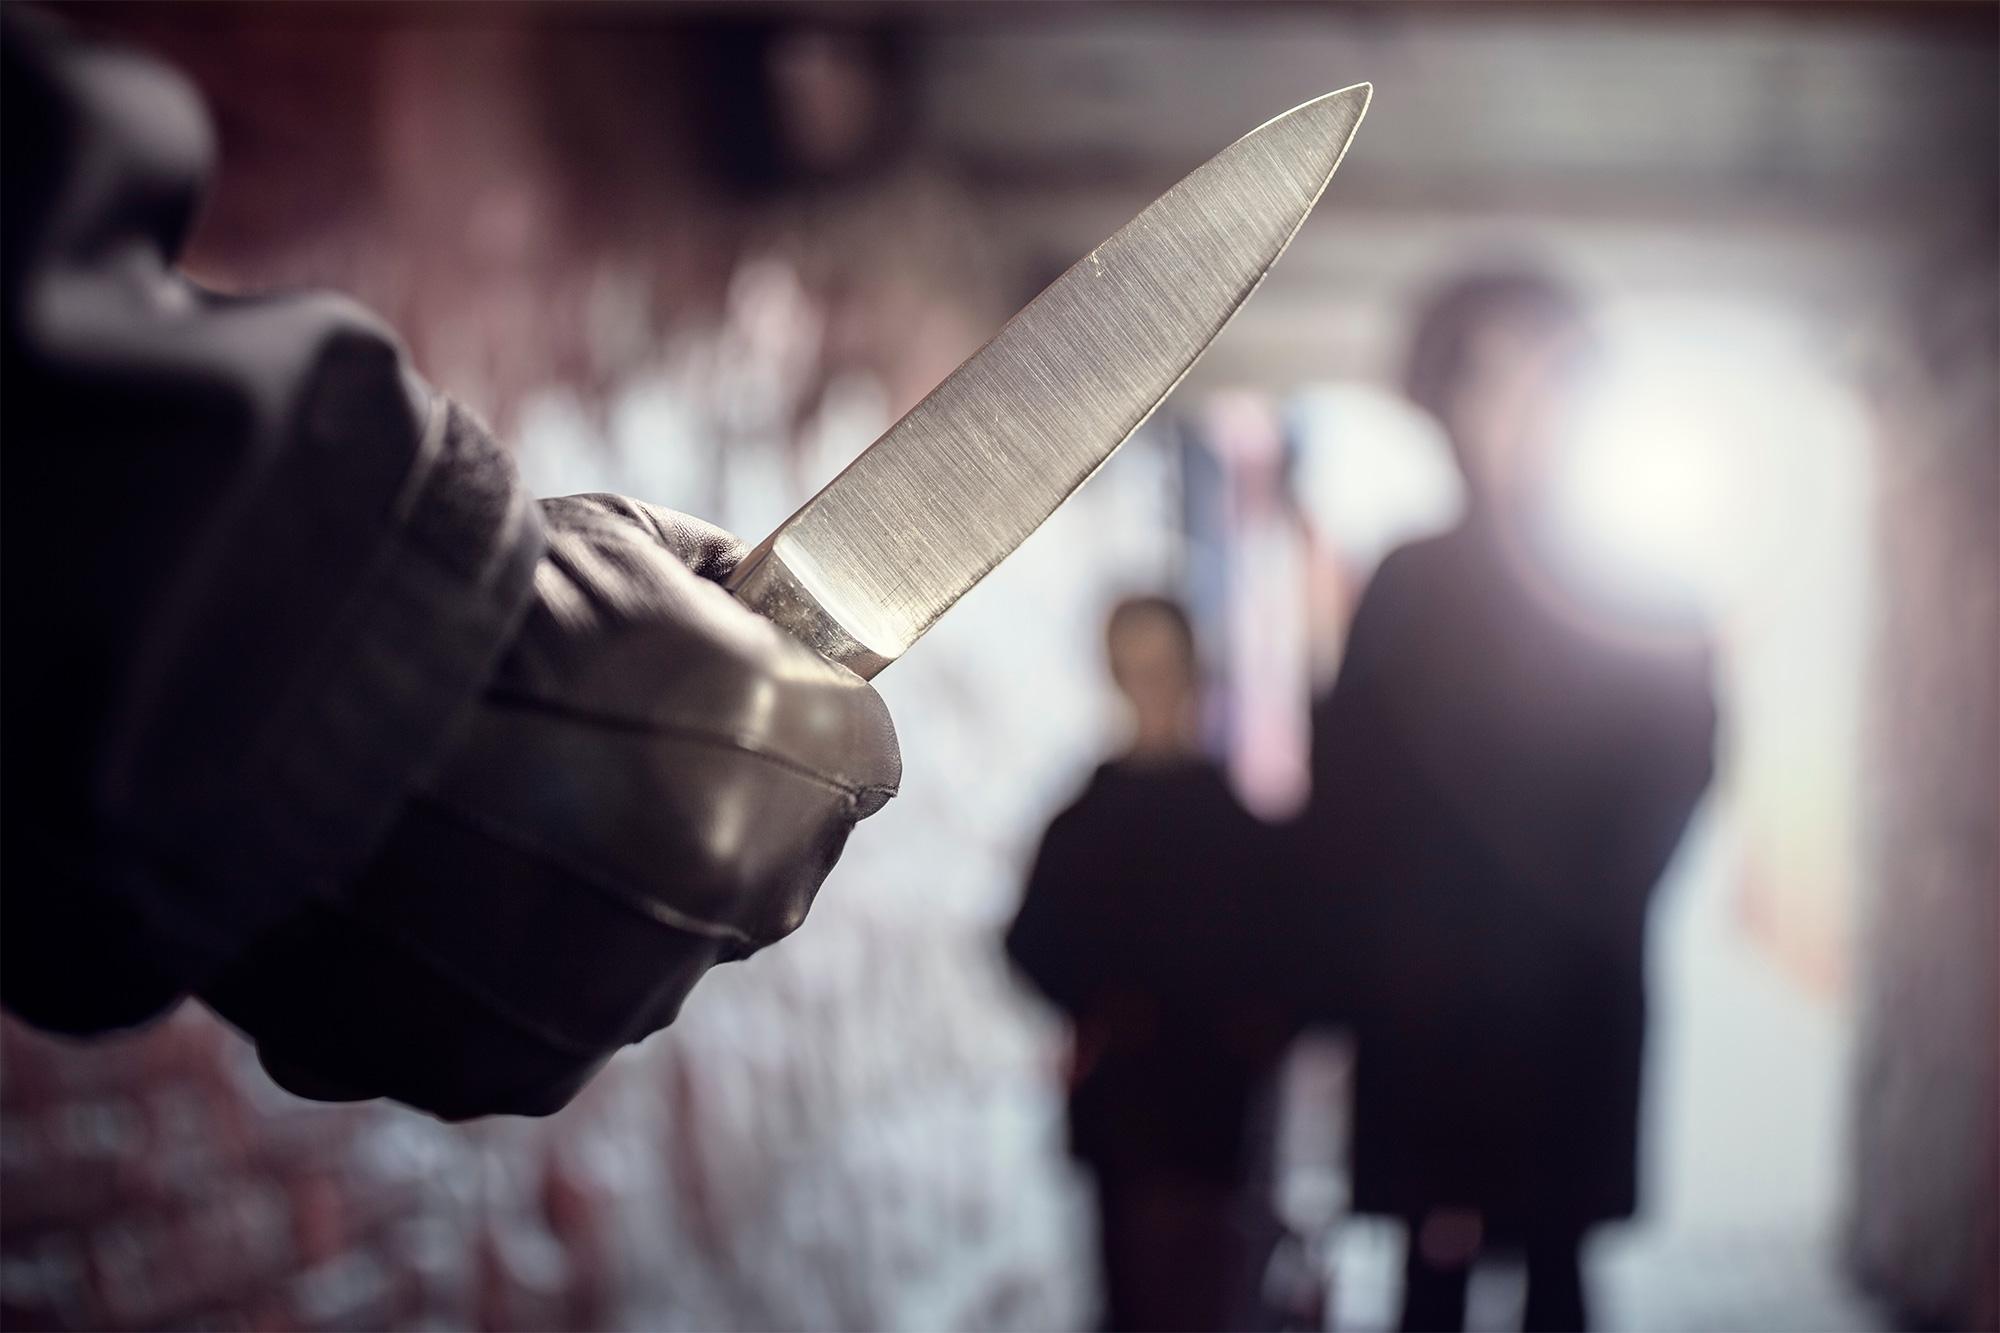 Therret me thikë një nxënës i shkollës fillore